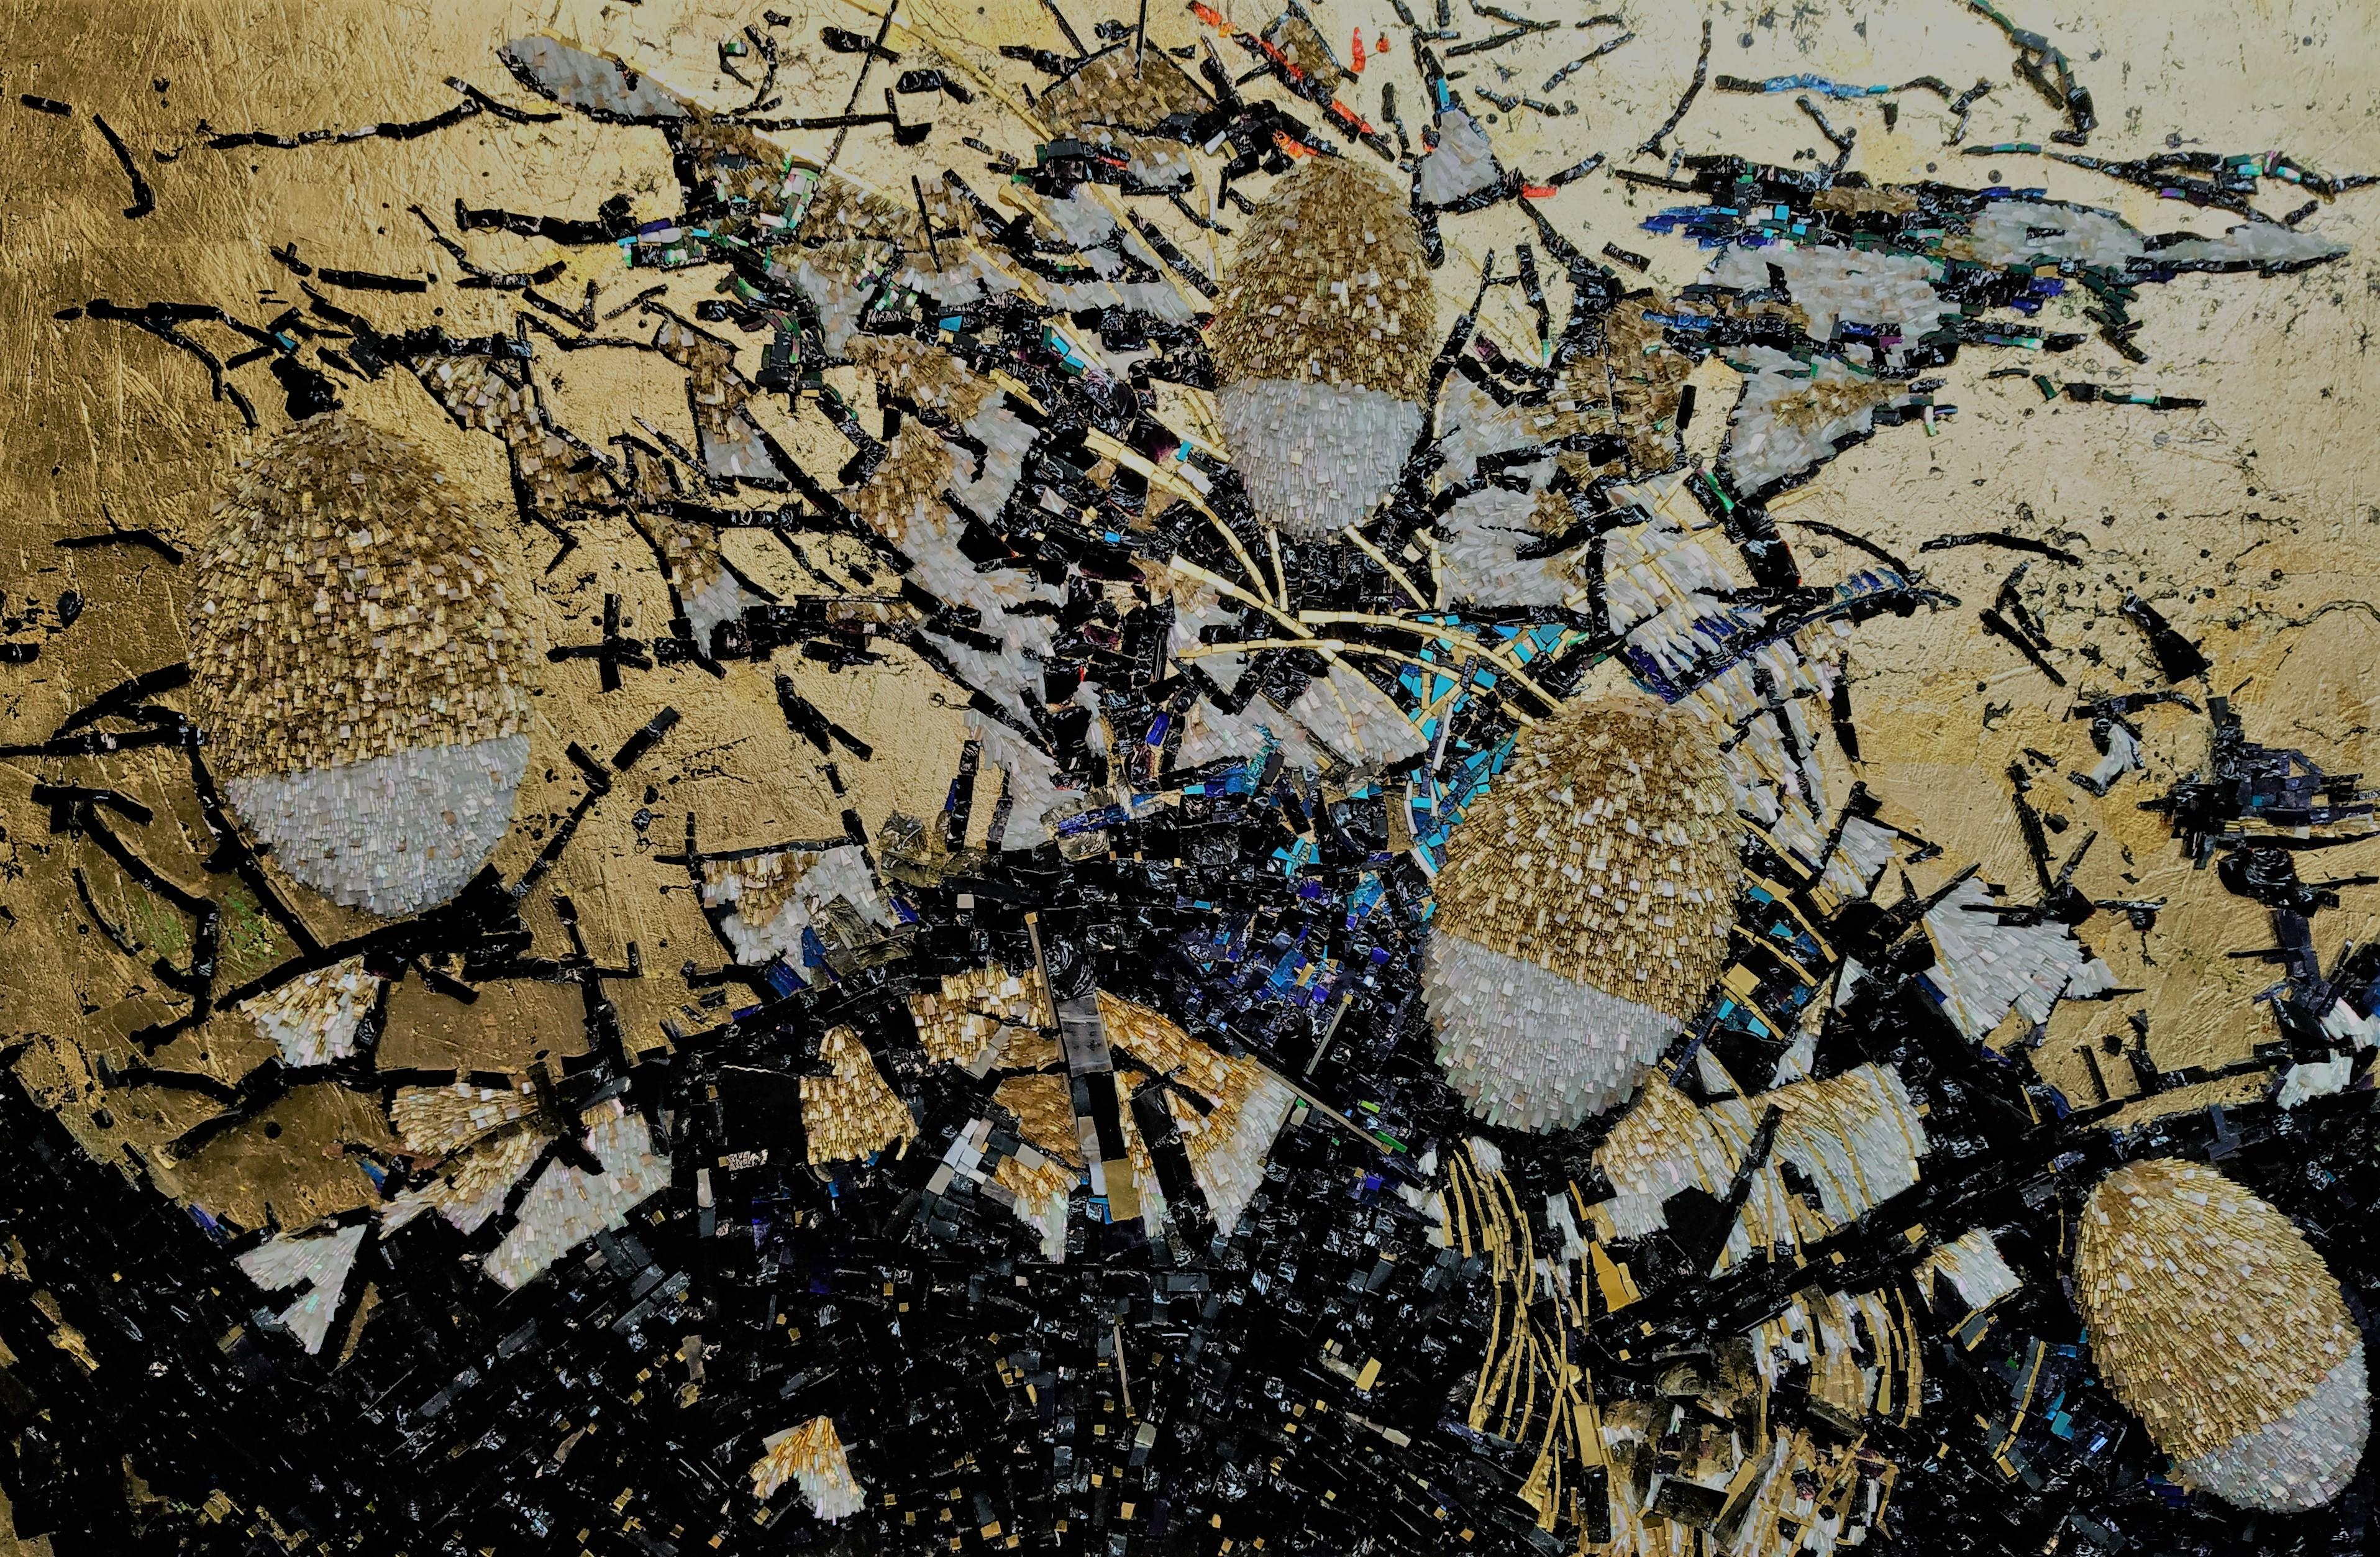 """Ausstellung """"Mosaik-Sammlungen. Inseln"""" (6+)"""